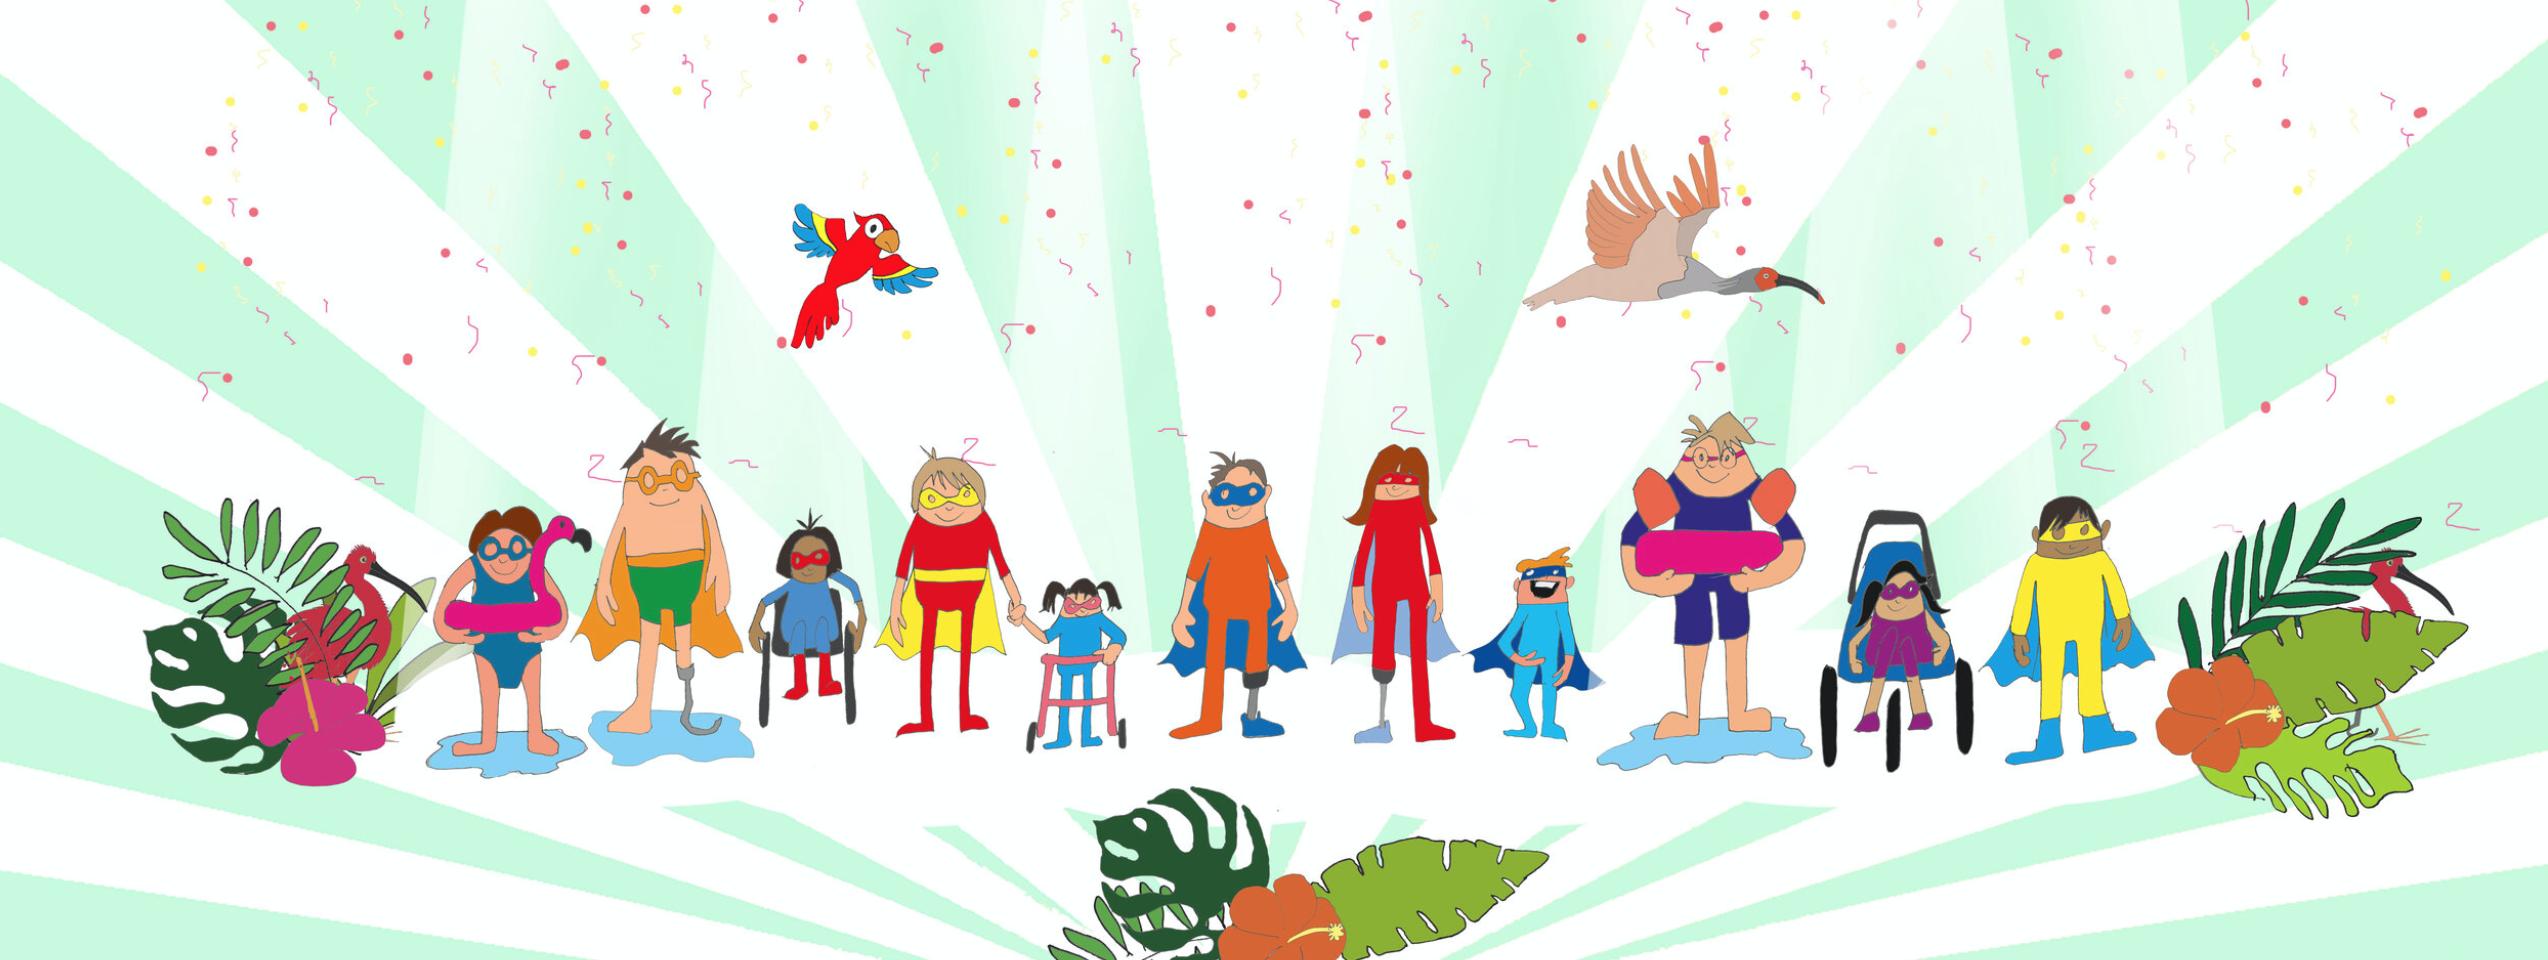 The Superhero Series